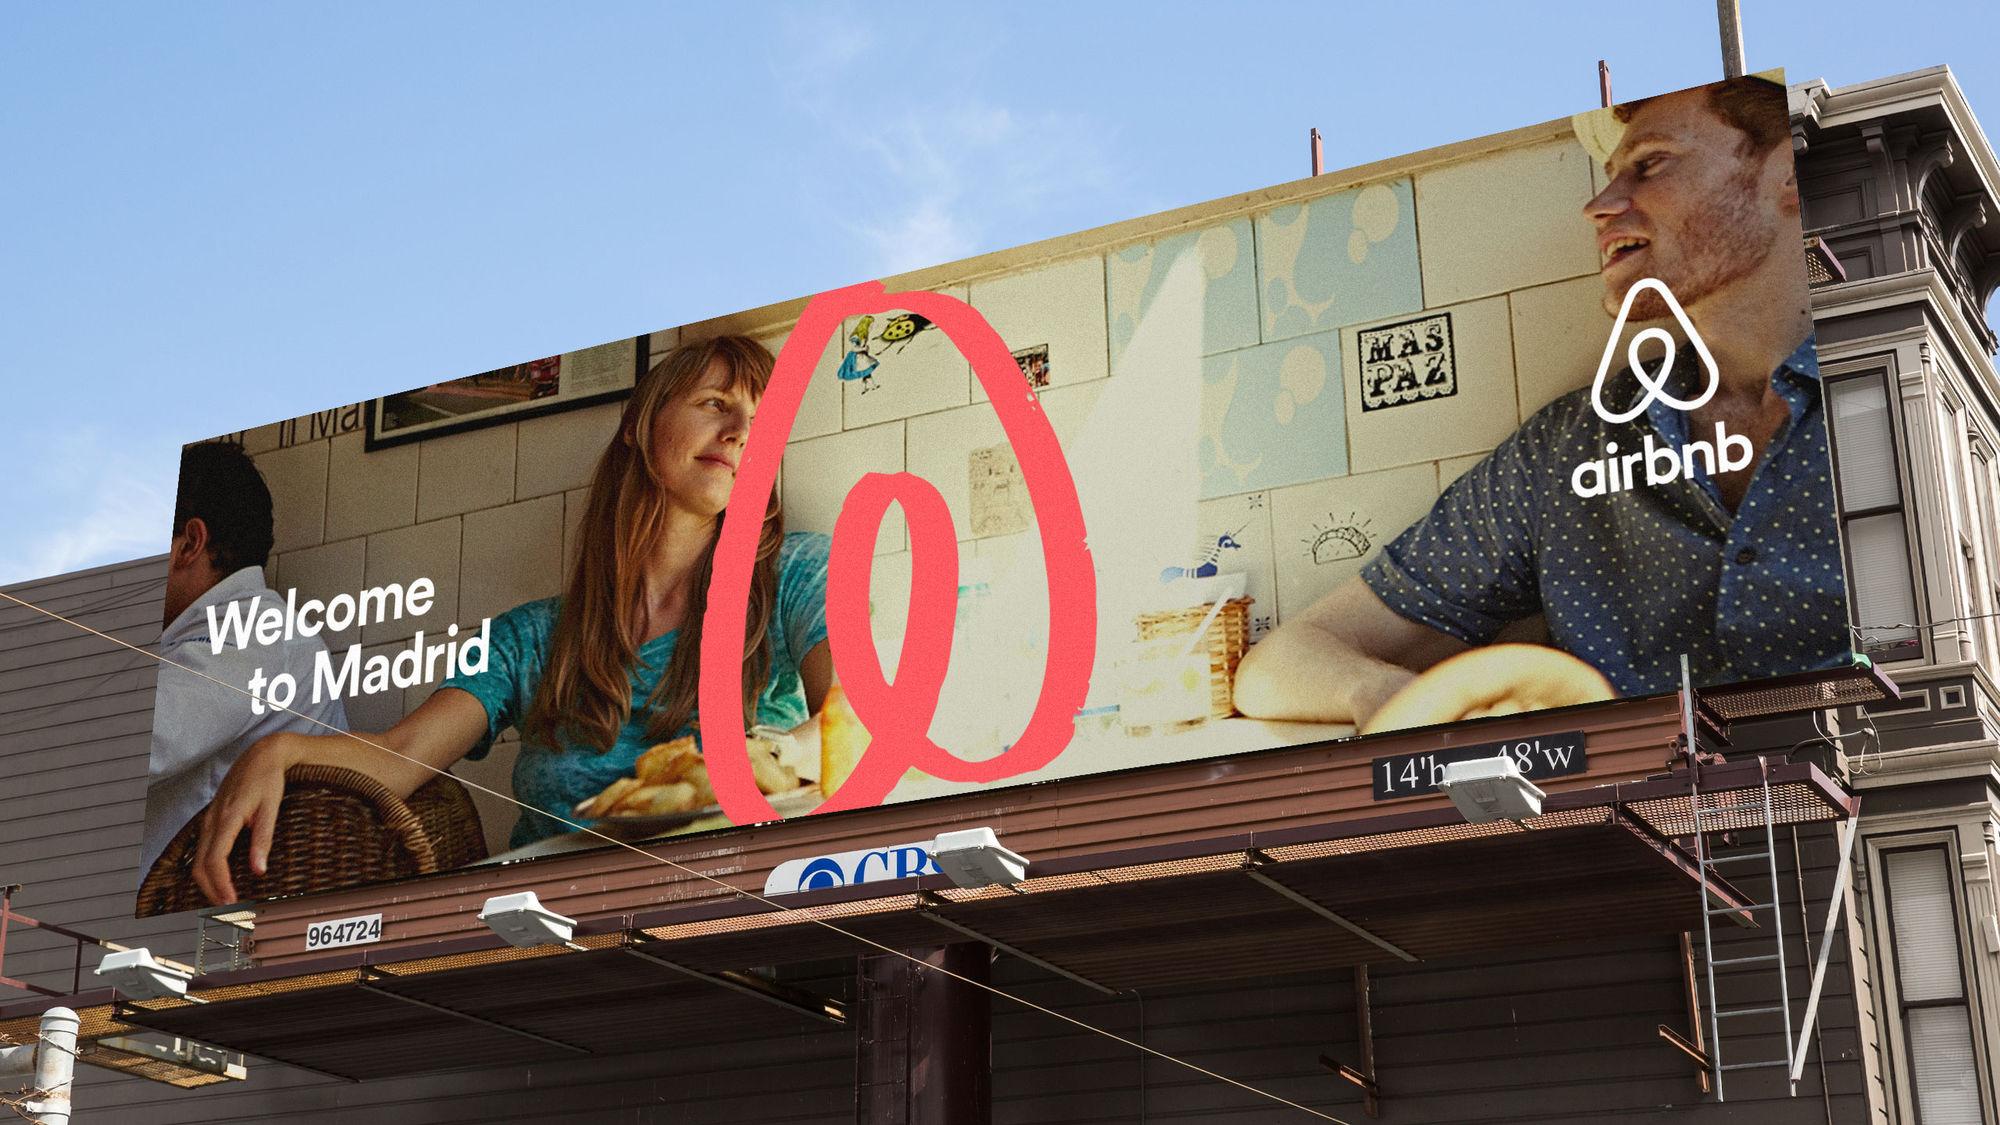 bnb_billboard_02-2000x1125-1.jpg